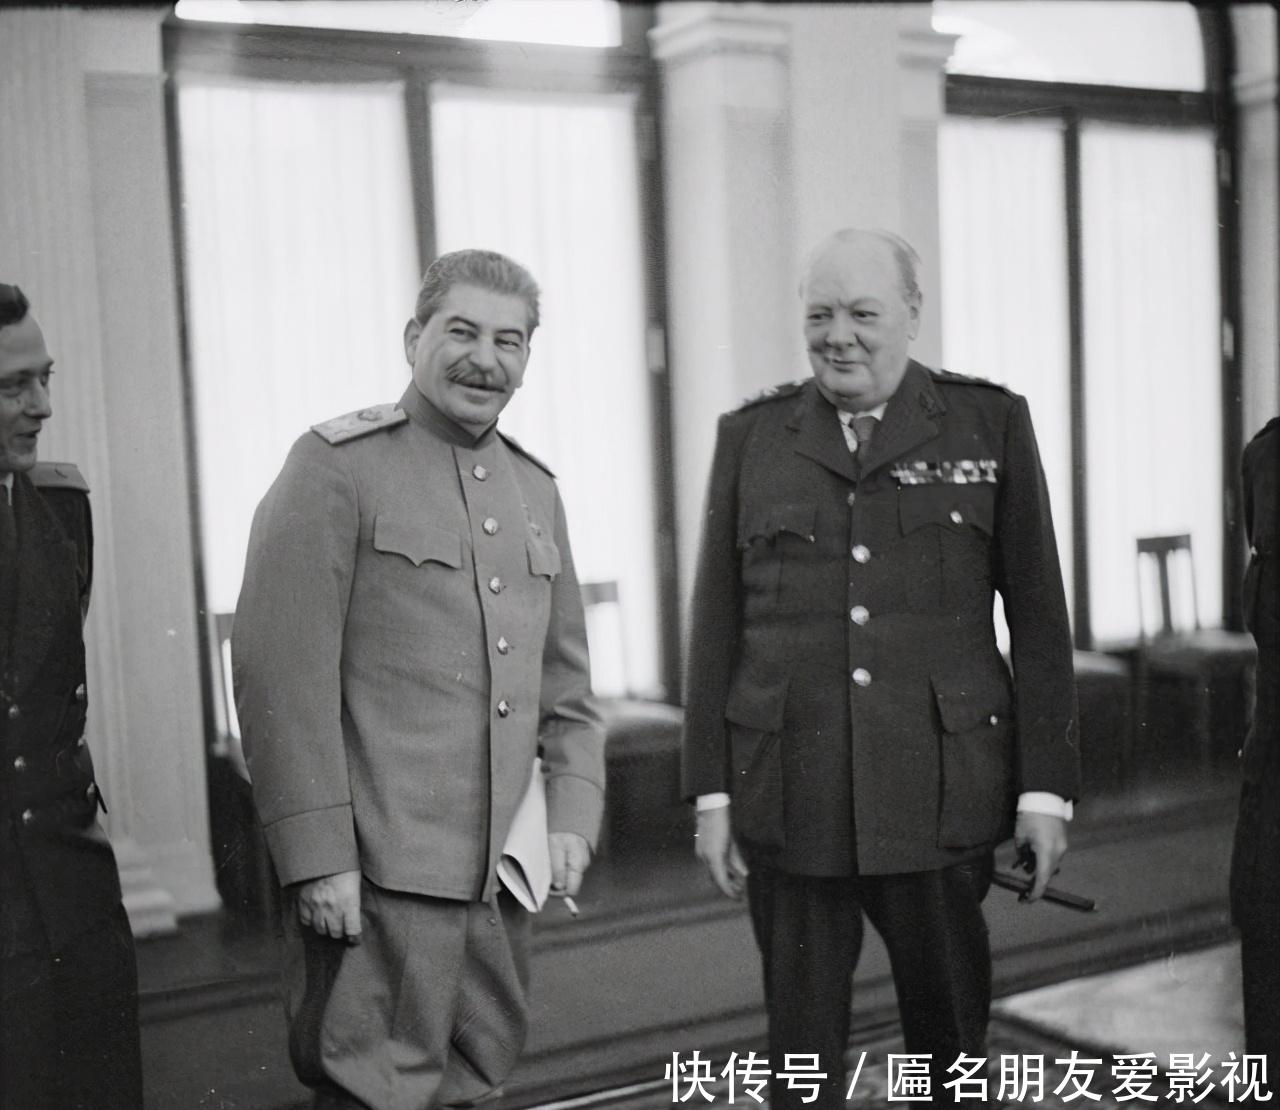 拜会|老照片:冬奥会上希特勒,被捕的萨达姆,丘吉尔访苏拜会斯大林